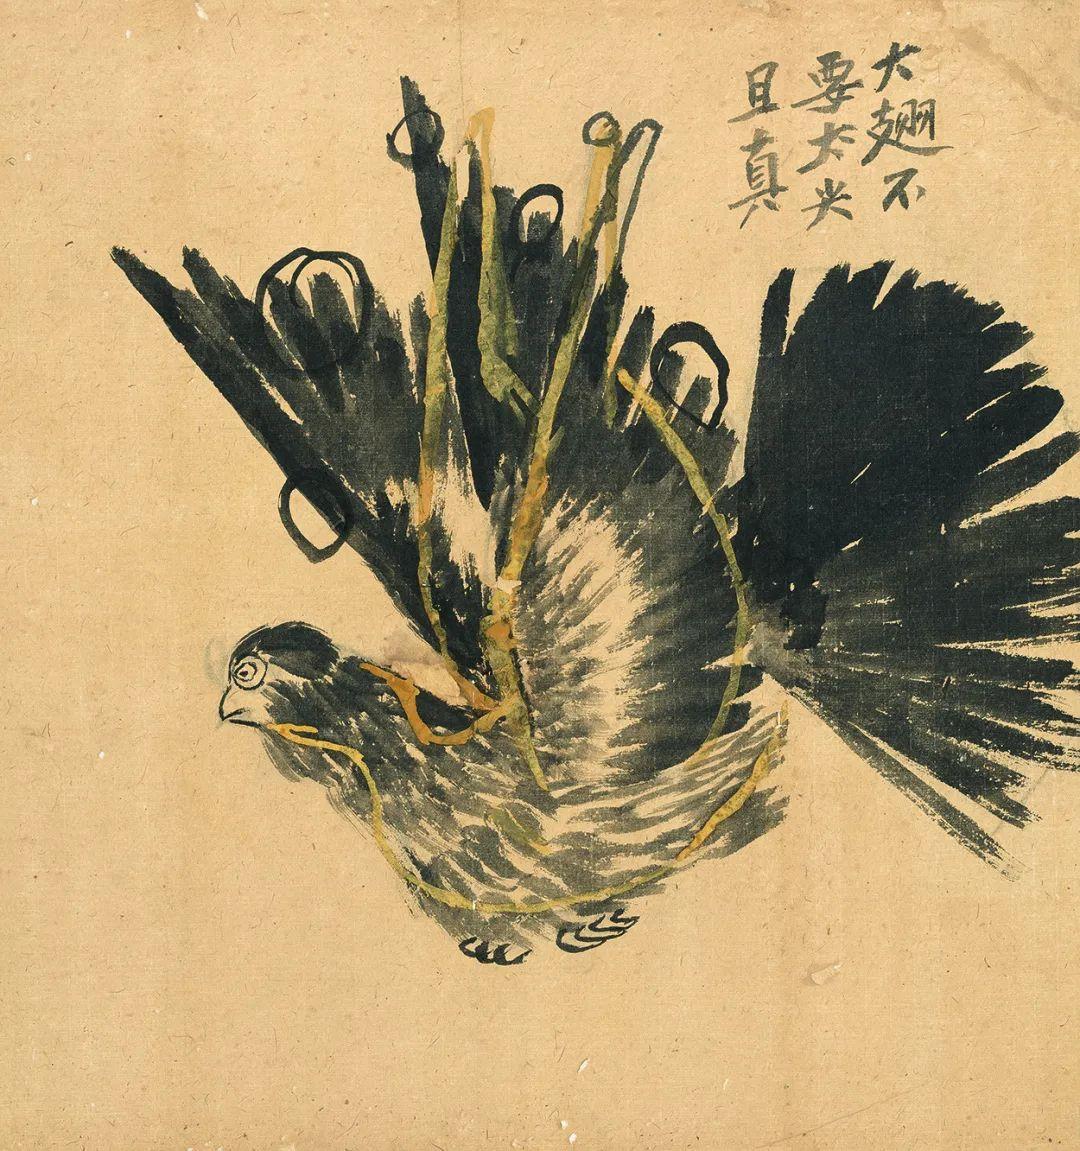 翔鸽稿 齐白石 50×47cm 北京画院藏